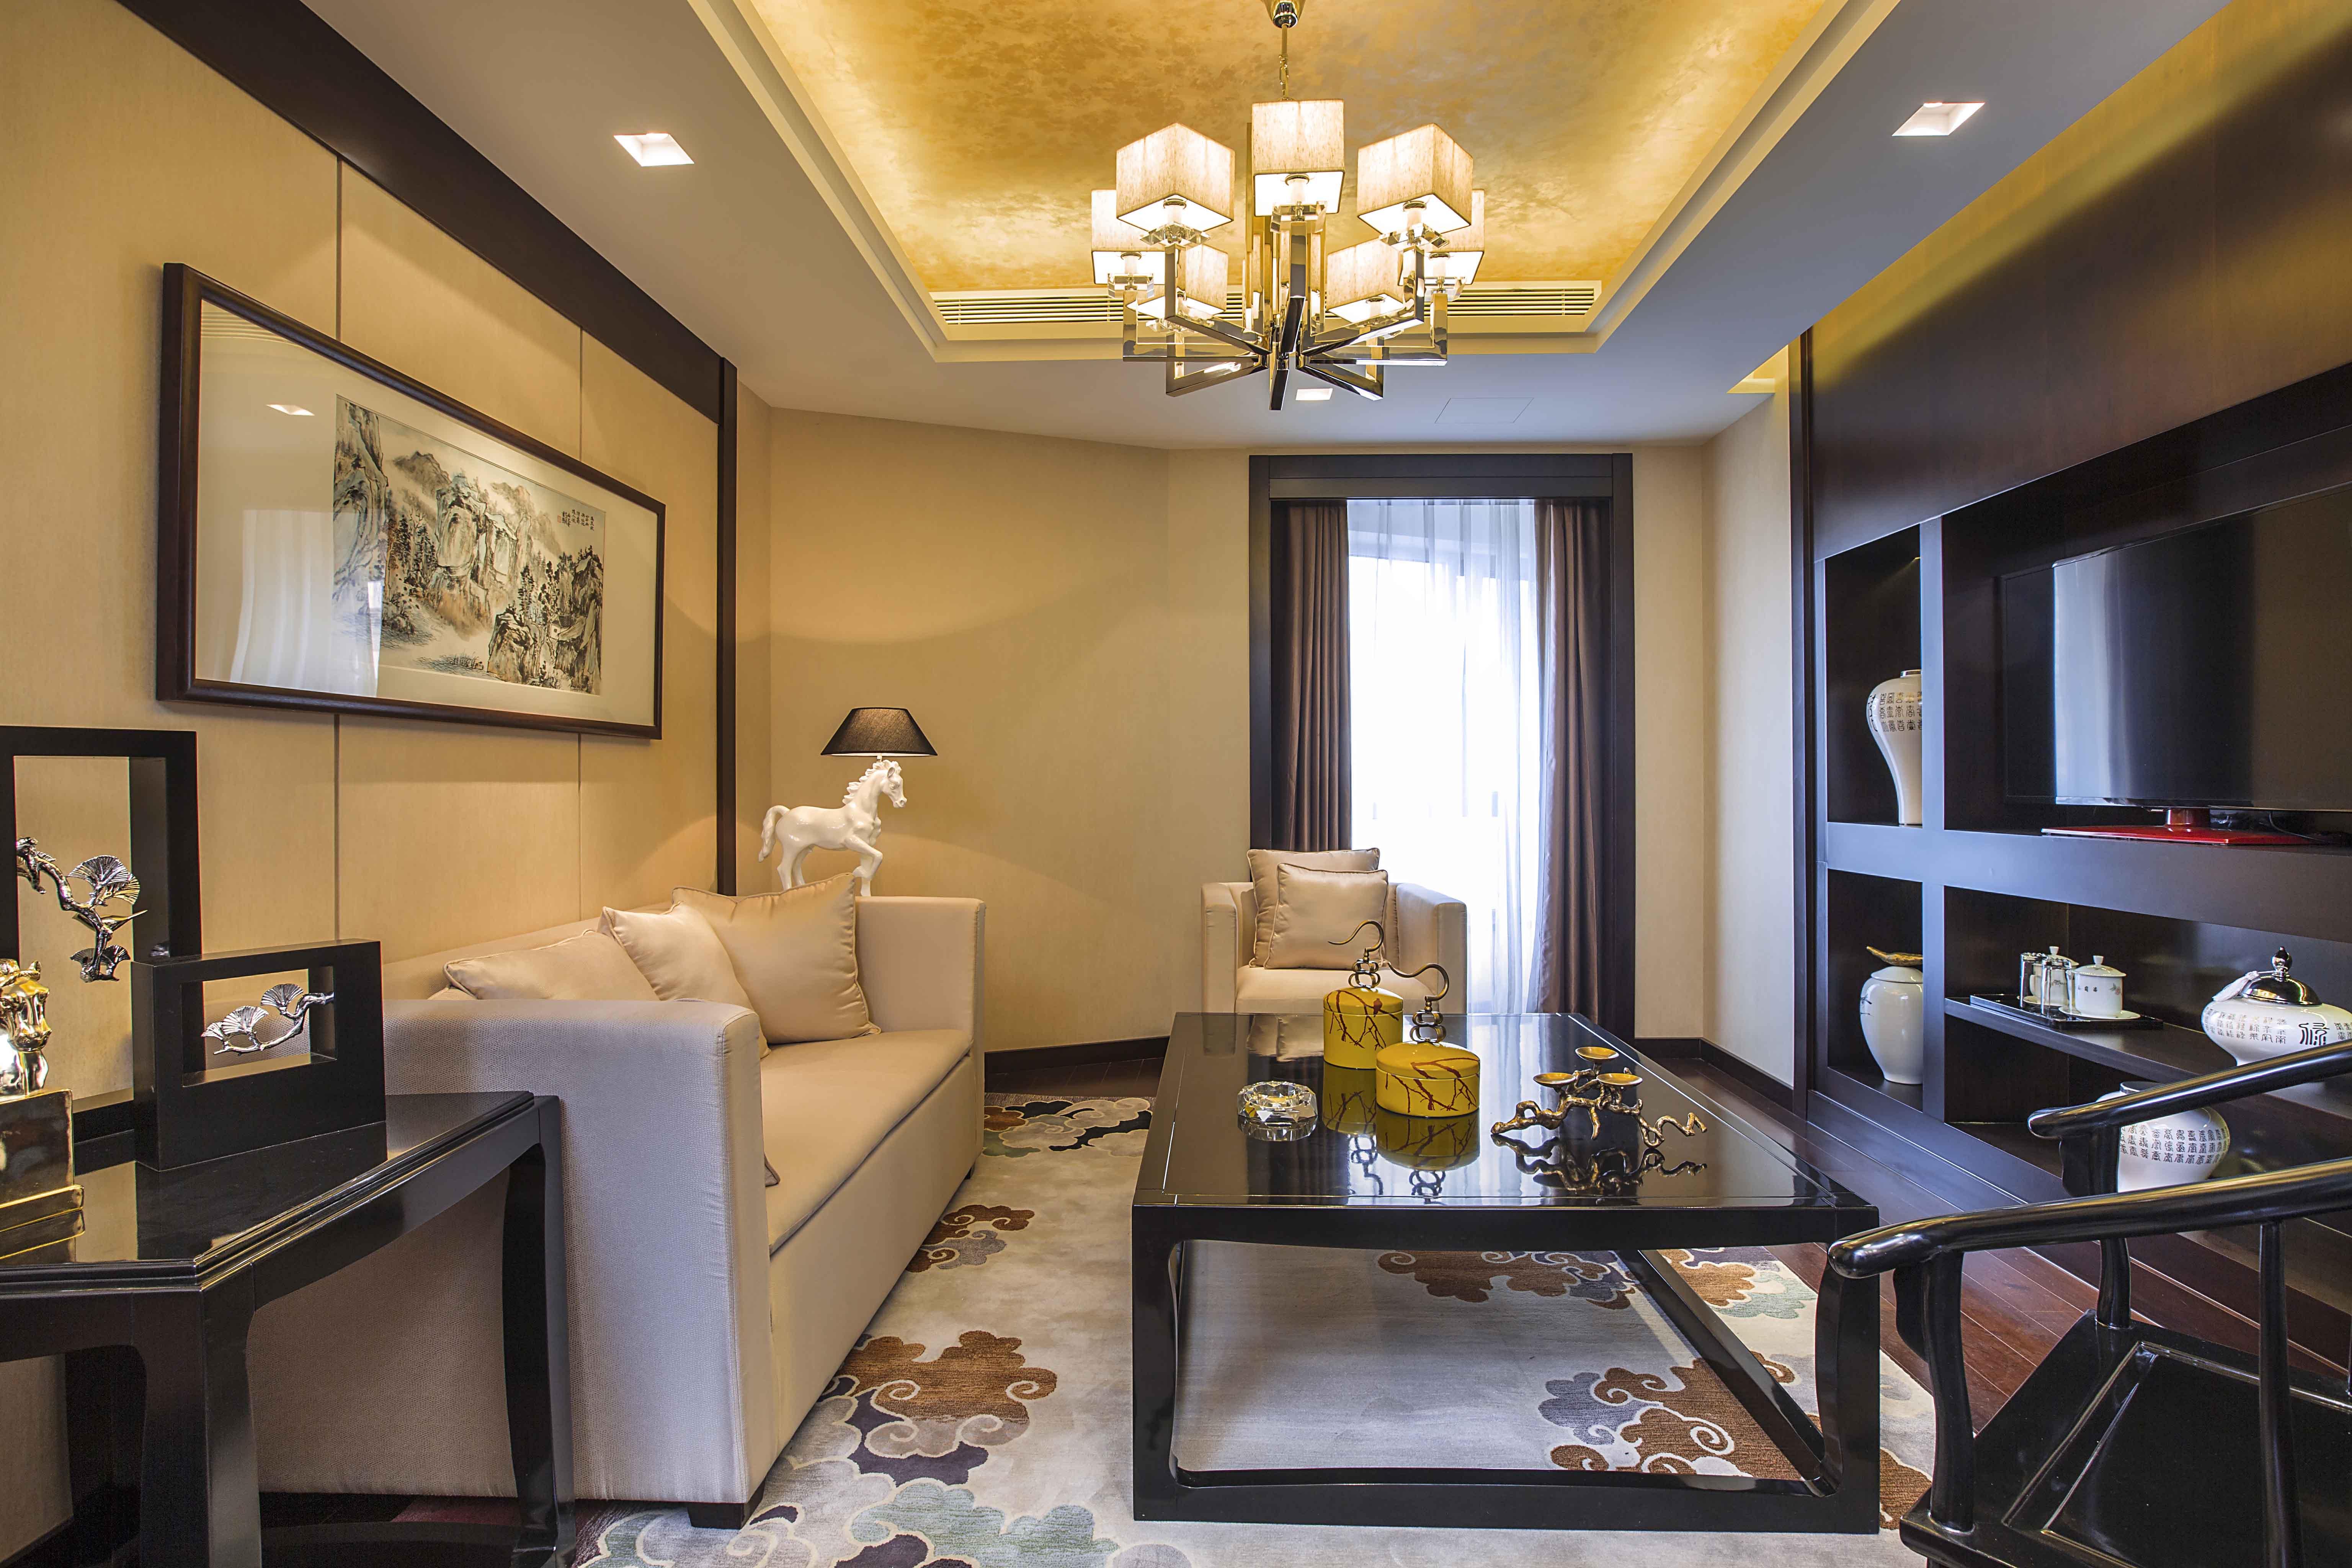 新中式 原创国际 全案设计 其他图片来自原创国际别墅装饰在铂悦会所的分享